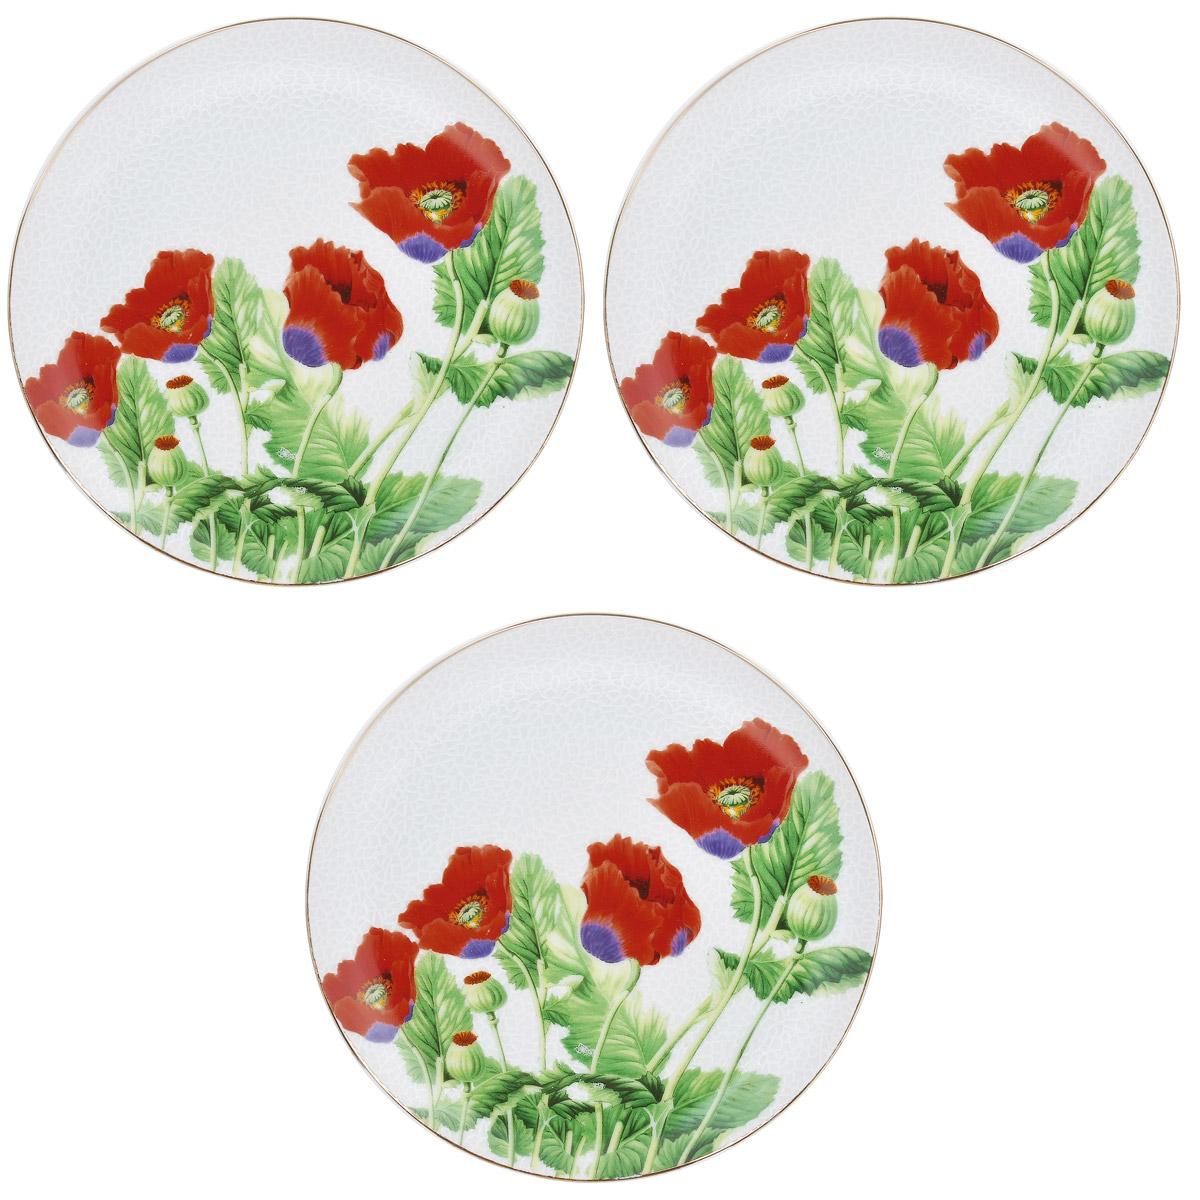 Набор тарелок Briswild Цветы мака, диаметр 18,5 см, 3 шт. 545-7658466BHNEWНабор тарелок Briswild Цветы мака, выполненный из высококачественного фарфора, состоит из 3 тарелок. Тарелки оформлены изысканным рисунком в виде мака. Они сочетают в себе изысканный дизайн с максимальной функциональностью. Оригинальность оформления тарелок придется по вкусу и ценителям классики, и тем, кто предпочитает утонченность и изящность. Набор тарелок Briswild Цветы мака послужит отличным подарком к любому празднику. Не использовать в СВЧ печах. Не применять абразивные чистящие вещества.